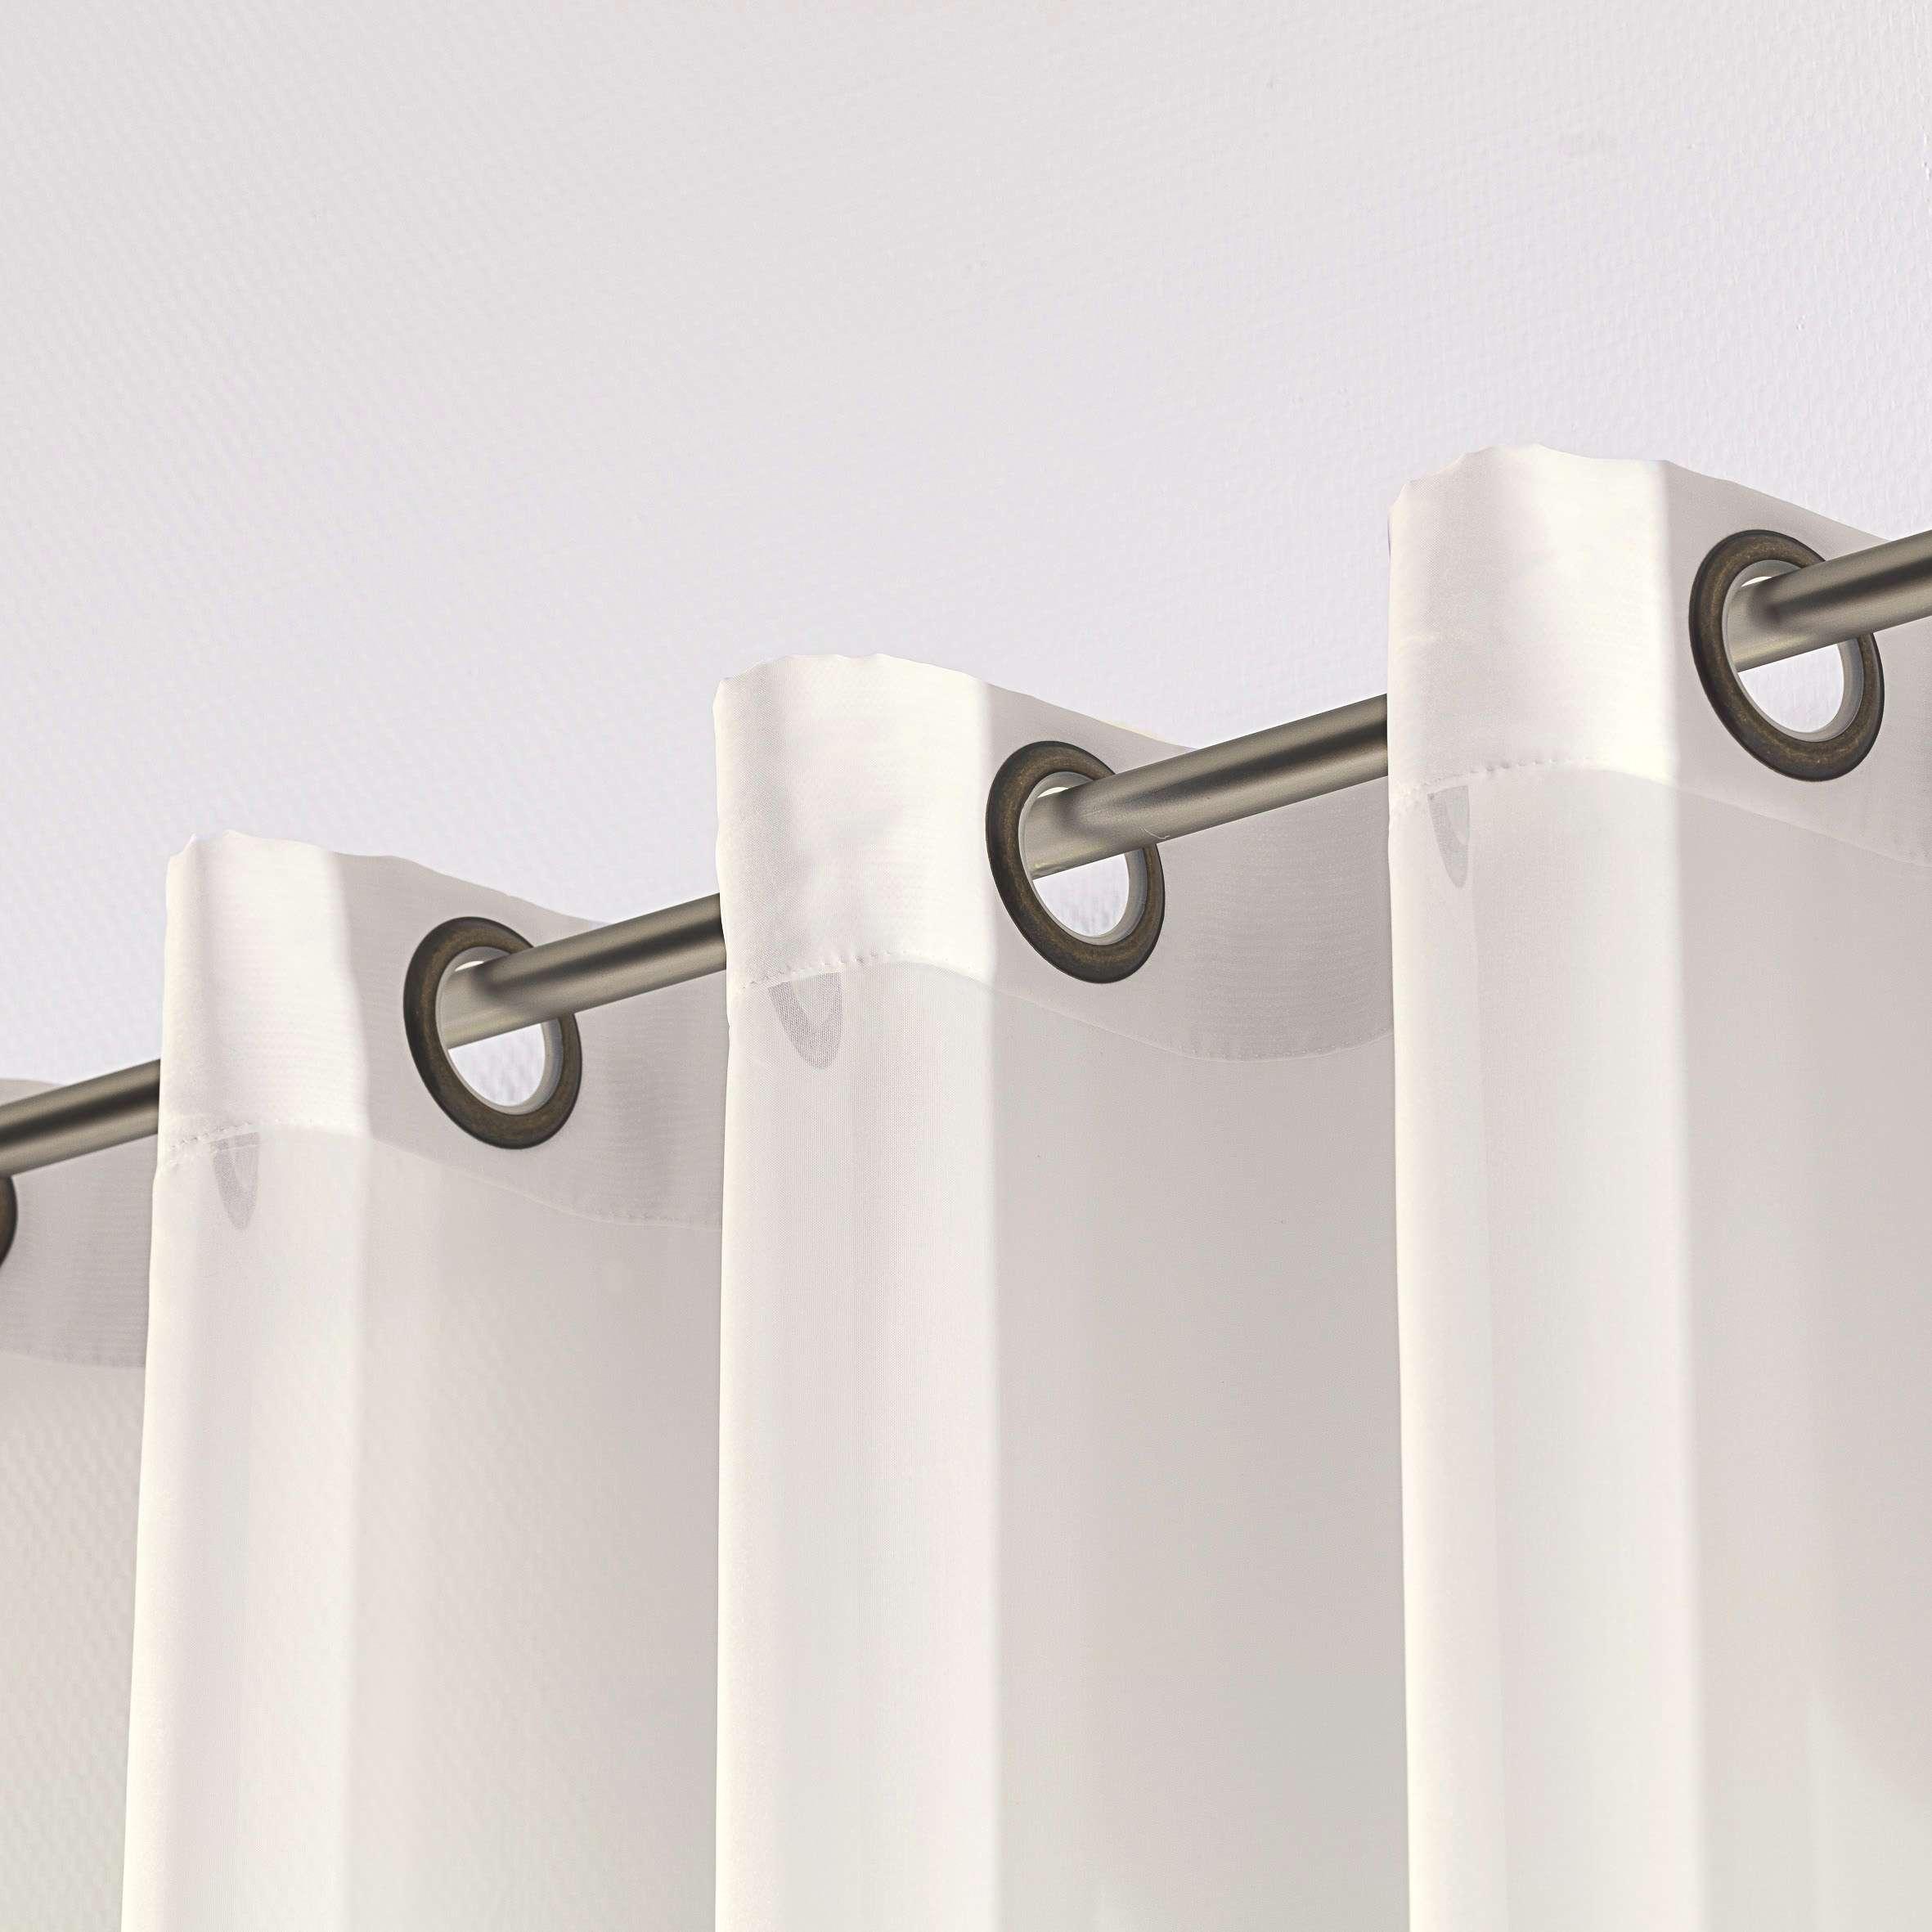 Záclona z voálu na kolieskach V kolekcii Voálové záclony, tkanina: 900-01